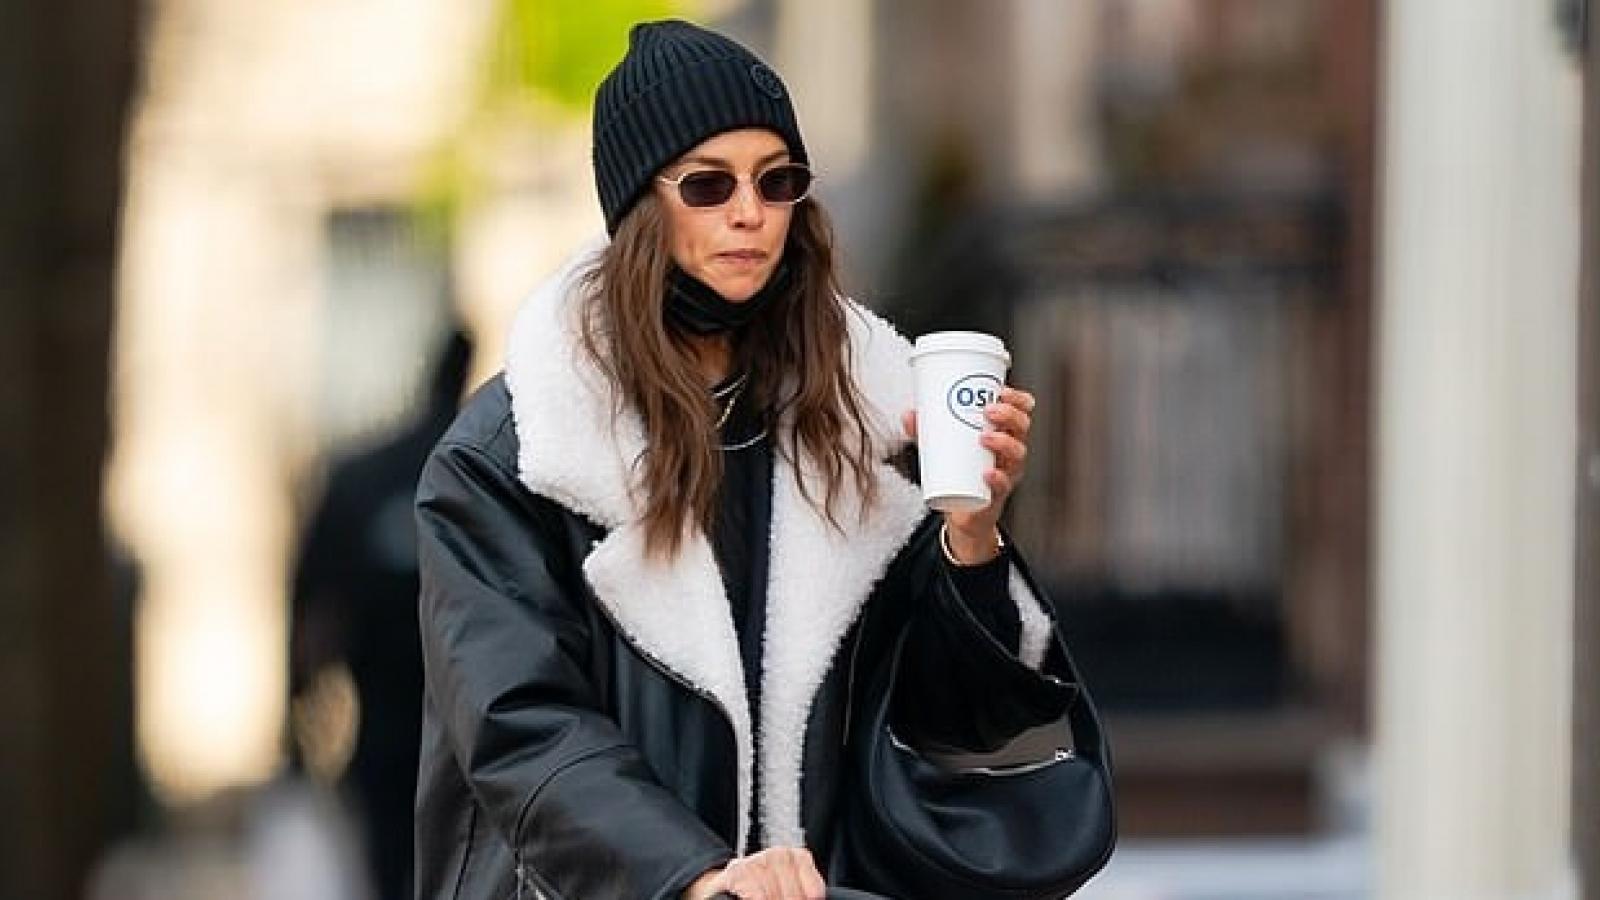 Irina Shayk mặc đồ khỏe khoắn đưa con gái cưng đi dạo phố ở New York